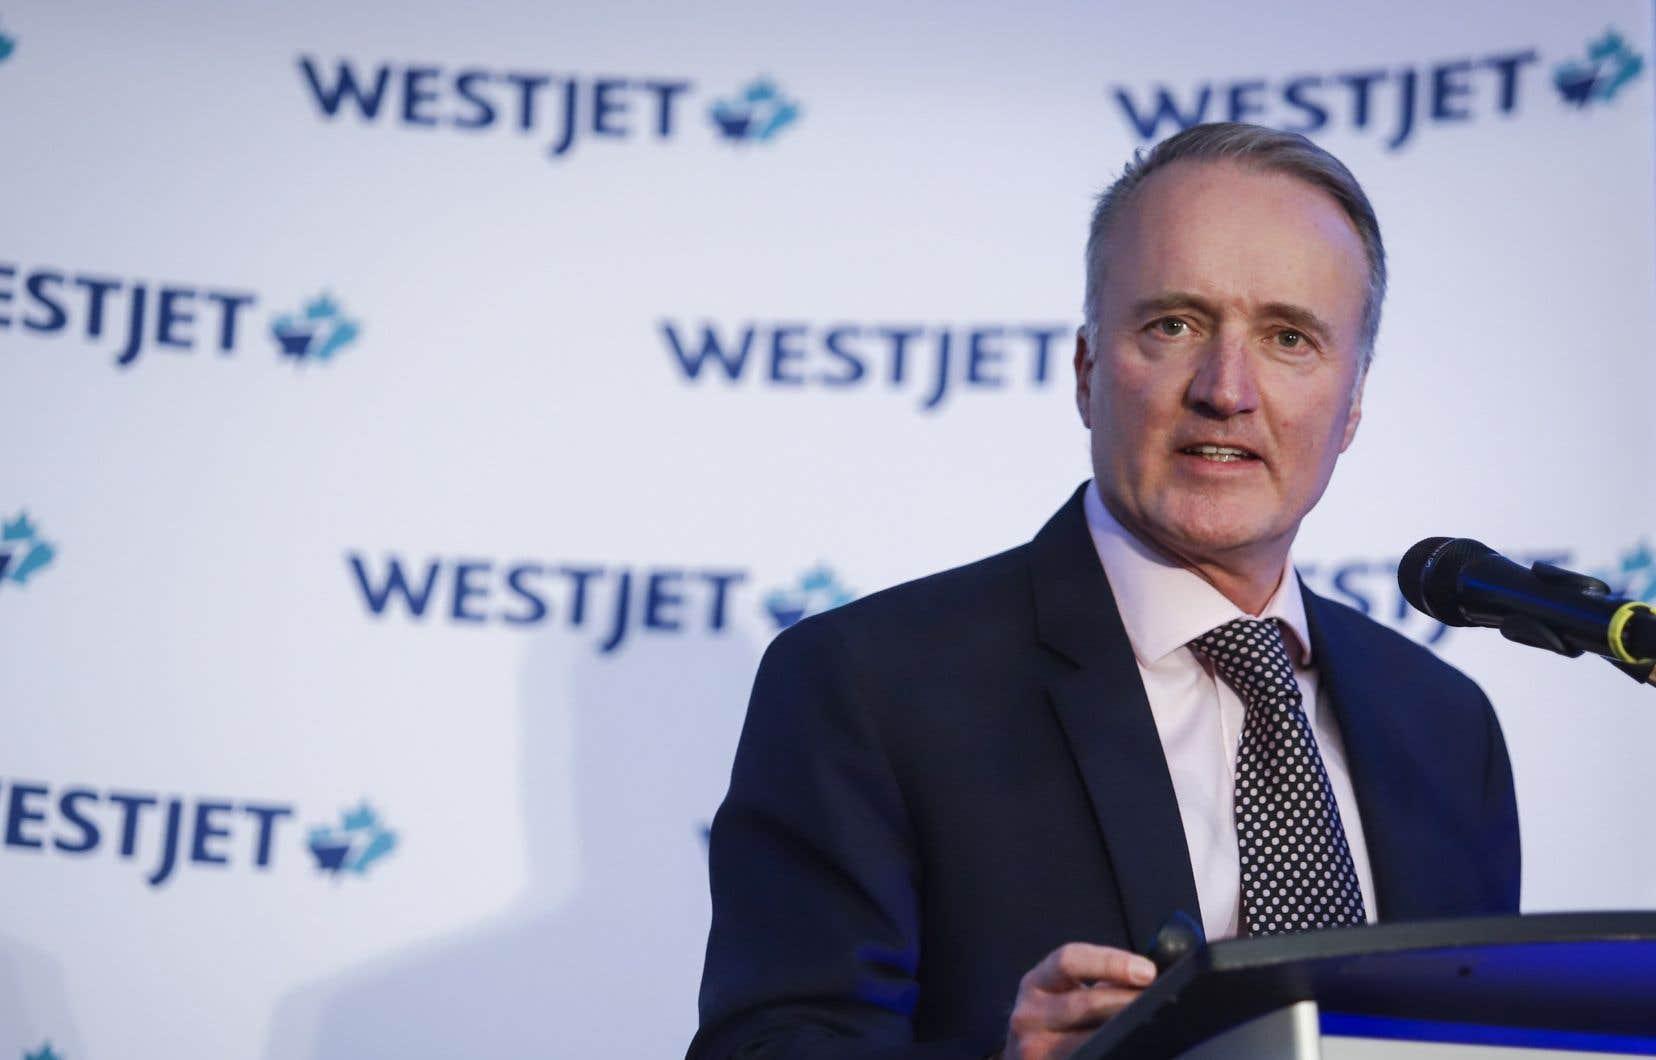 «L'industrie du voyage et ses clients sont encore une fois victimes d'une politique gouvernementale qui manque de cohérence et de constance», déplore le chef de la direction de WestJet, Ed Sims.